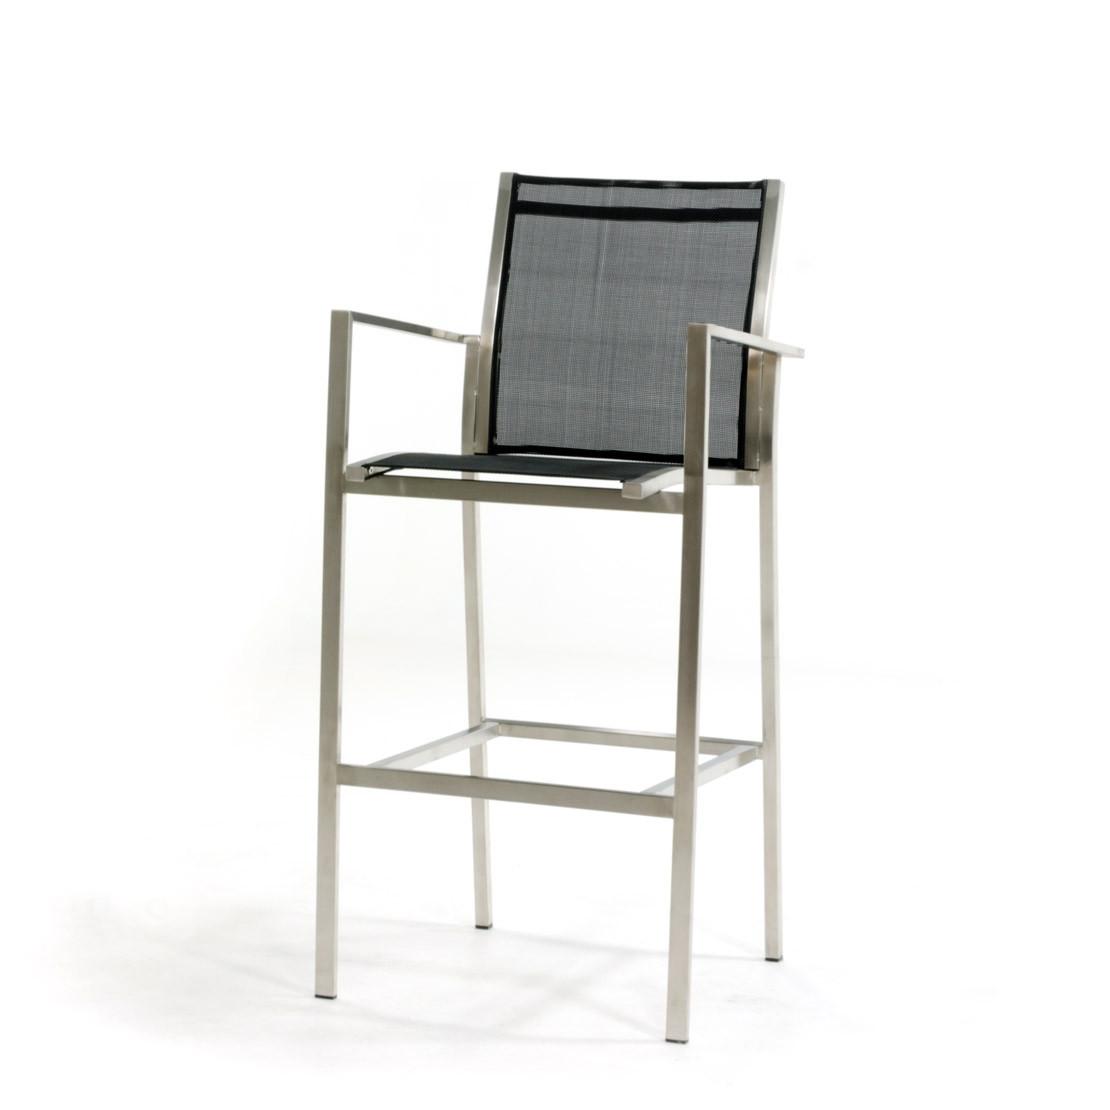 Falck RVS black bar chair